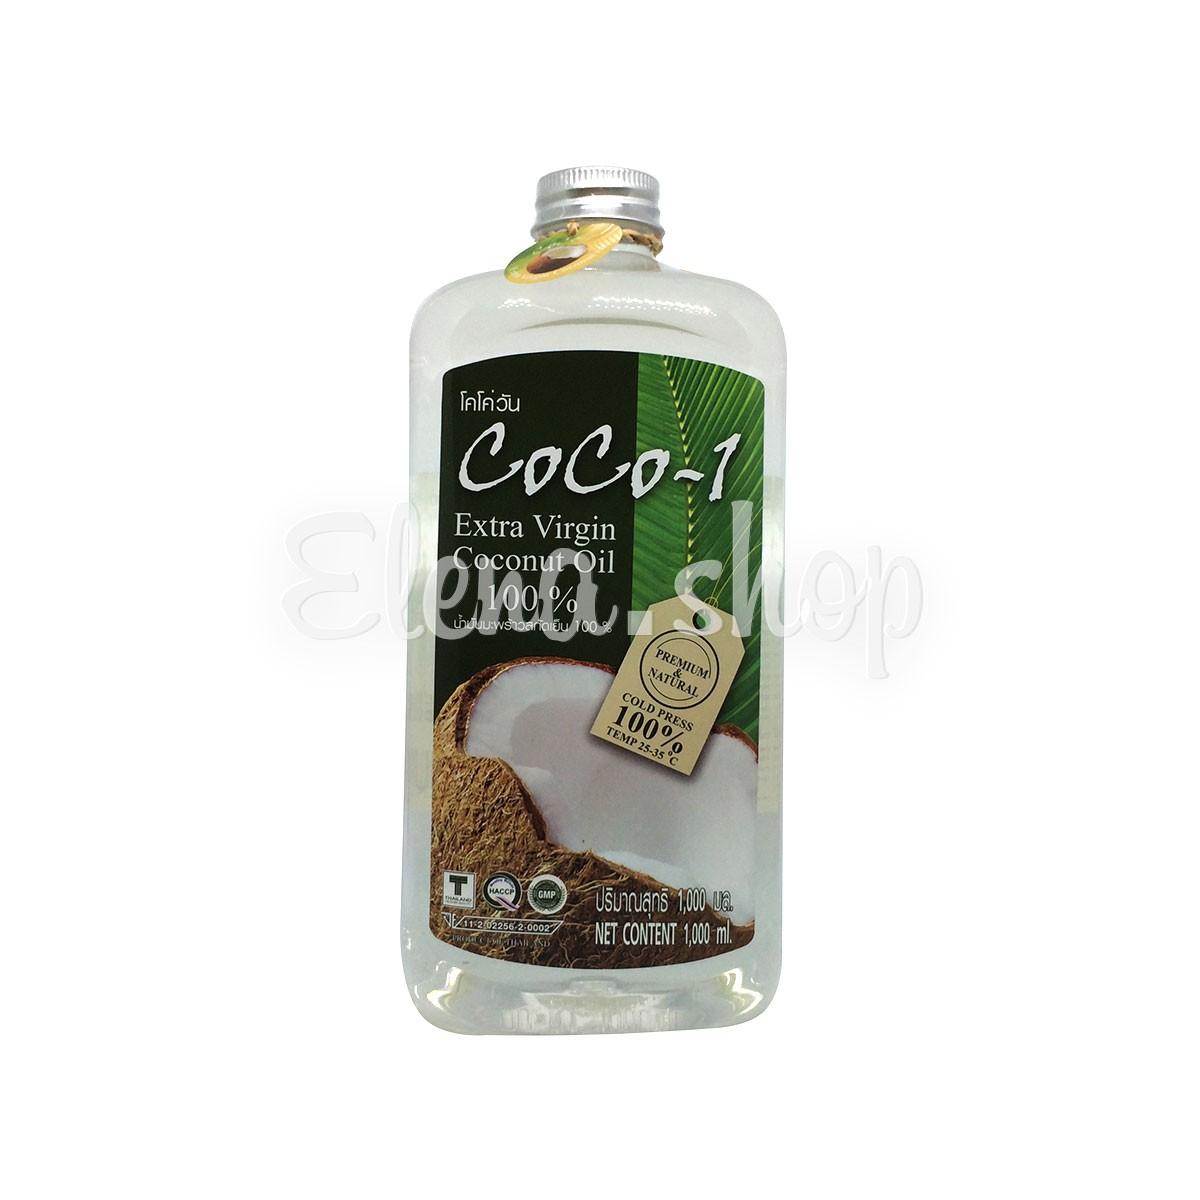 Натуральное кокосовое масло холодного отжима от CoCo-1